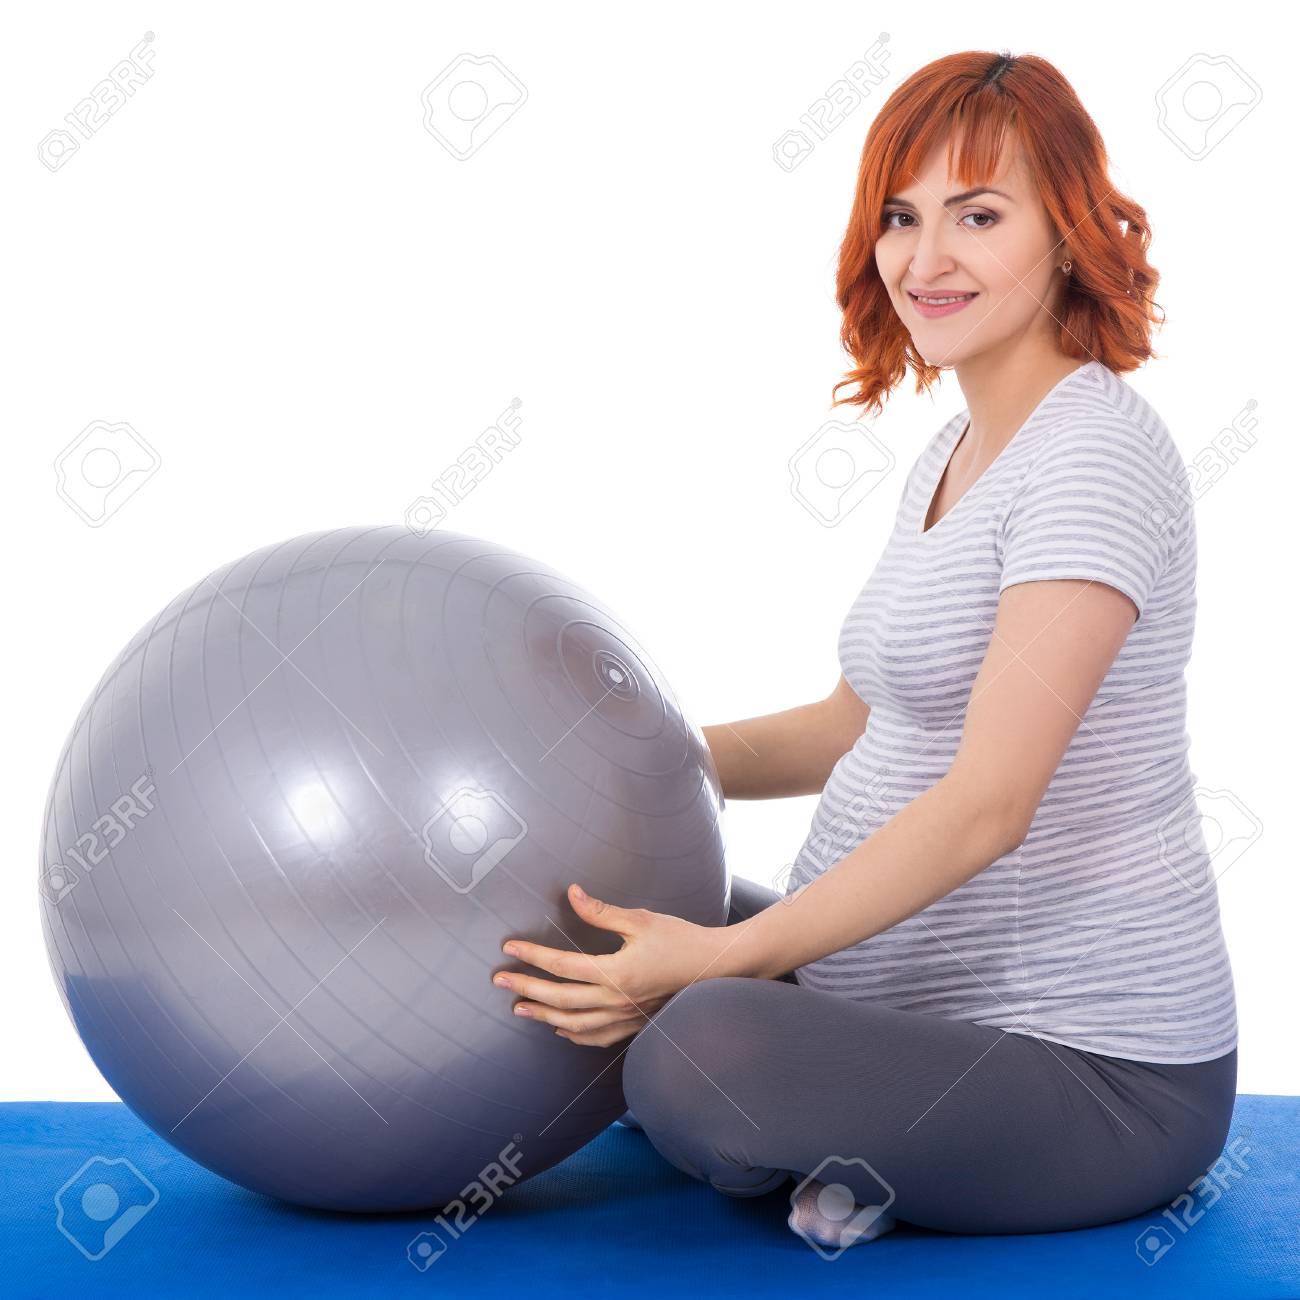 Foto de archivo - Jóvenes hermosas haciendo ejercicios con fitball mujer  embarazada aislados en el fondo blanco 0b5e76764f5d